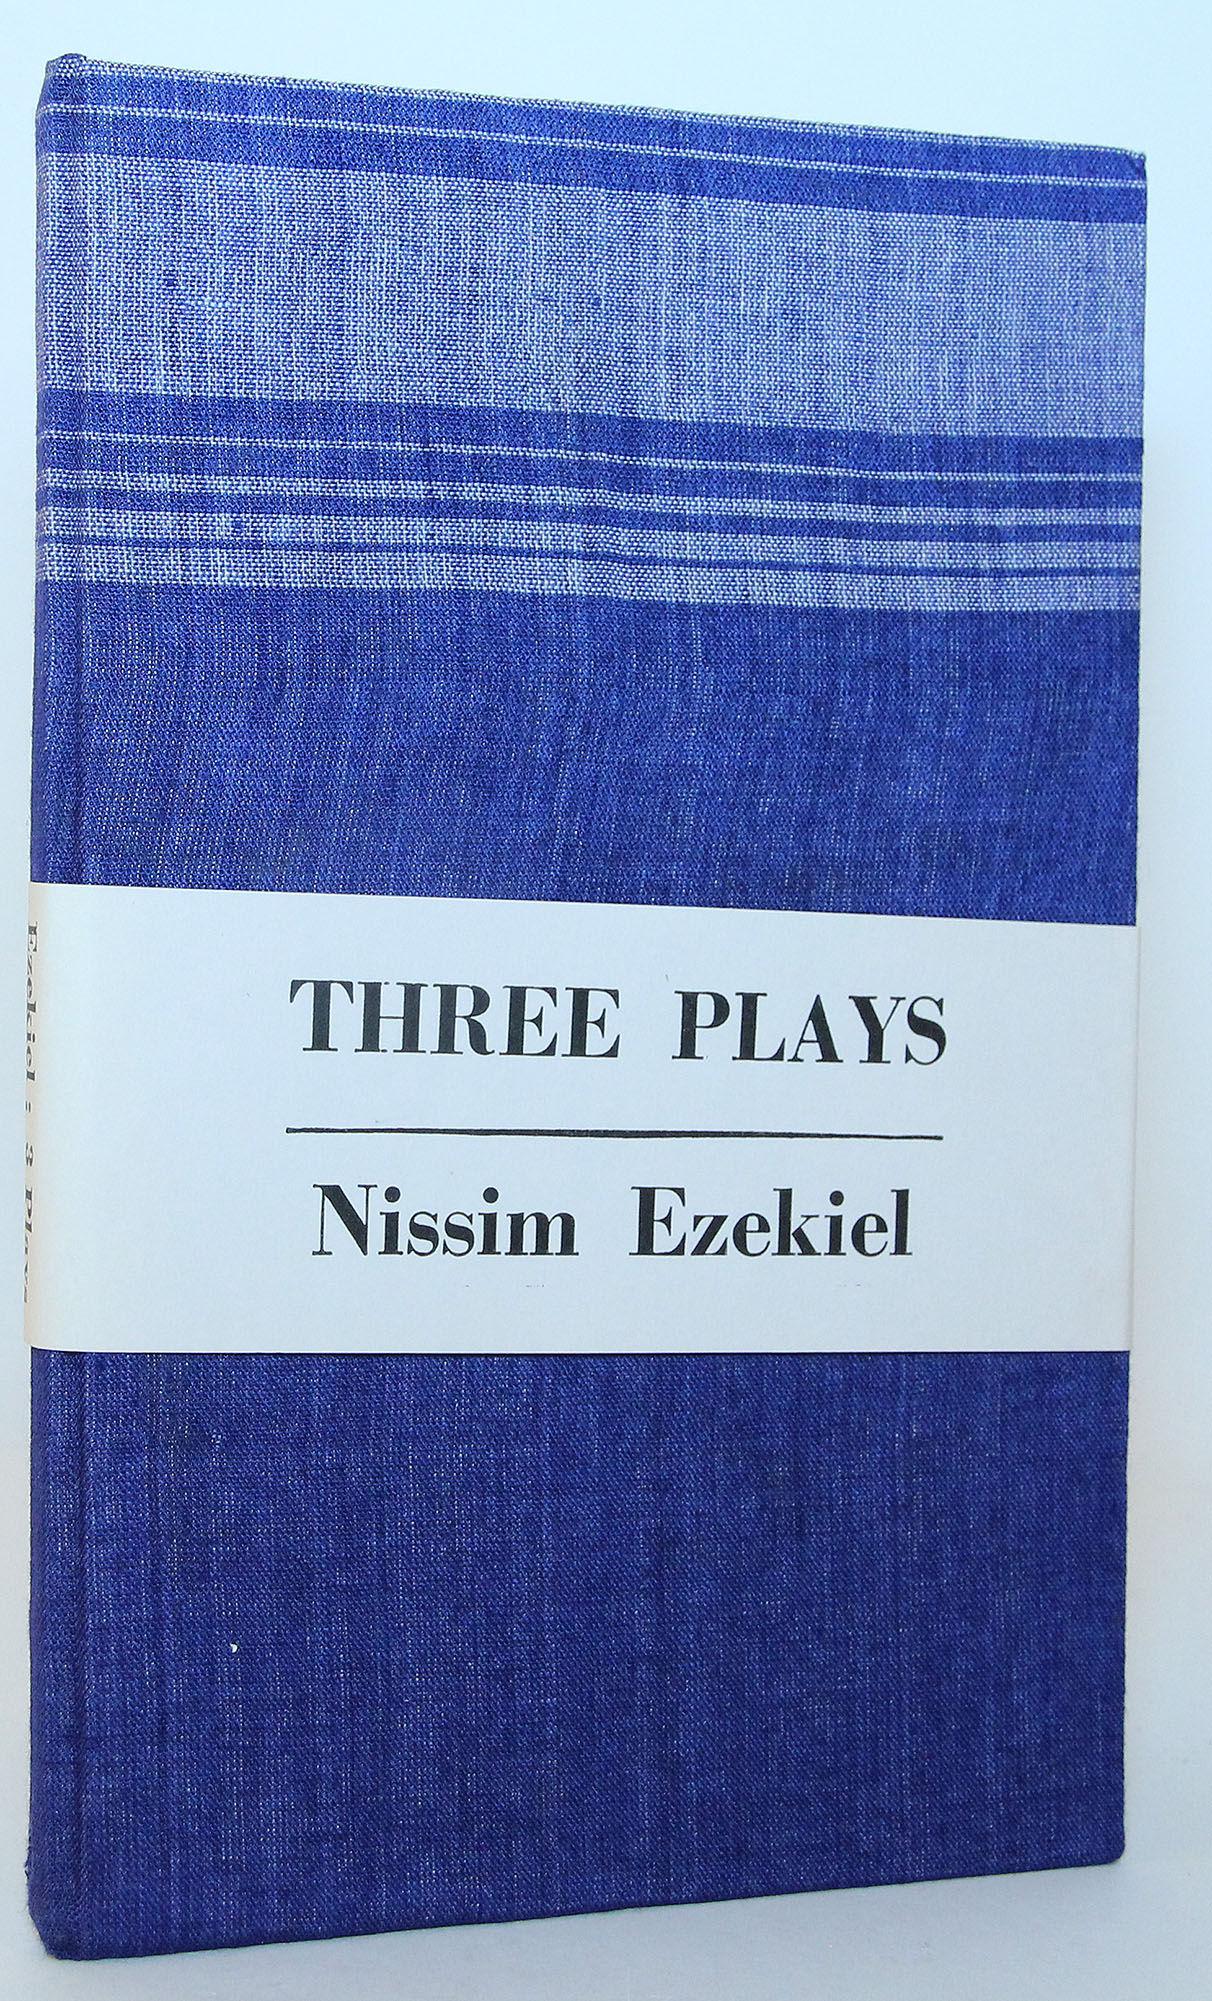 Three Plays, Nissim Ezekiel - Nalini: A Comedy in Three Acts